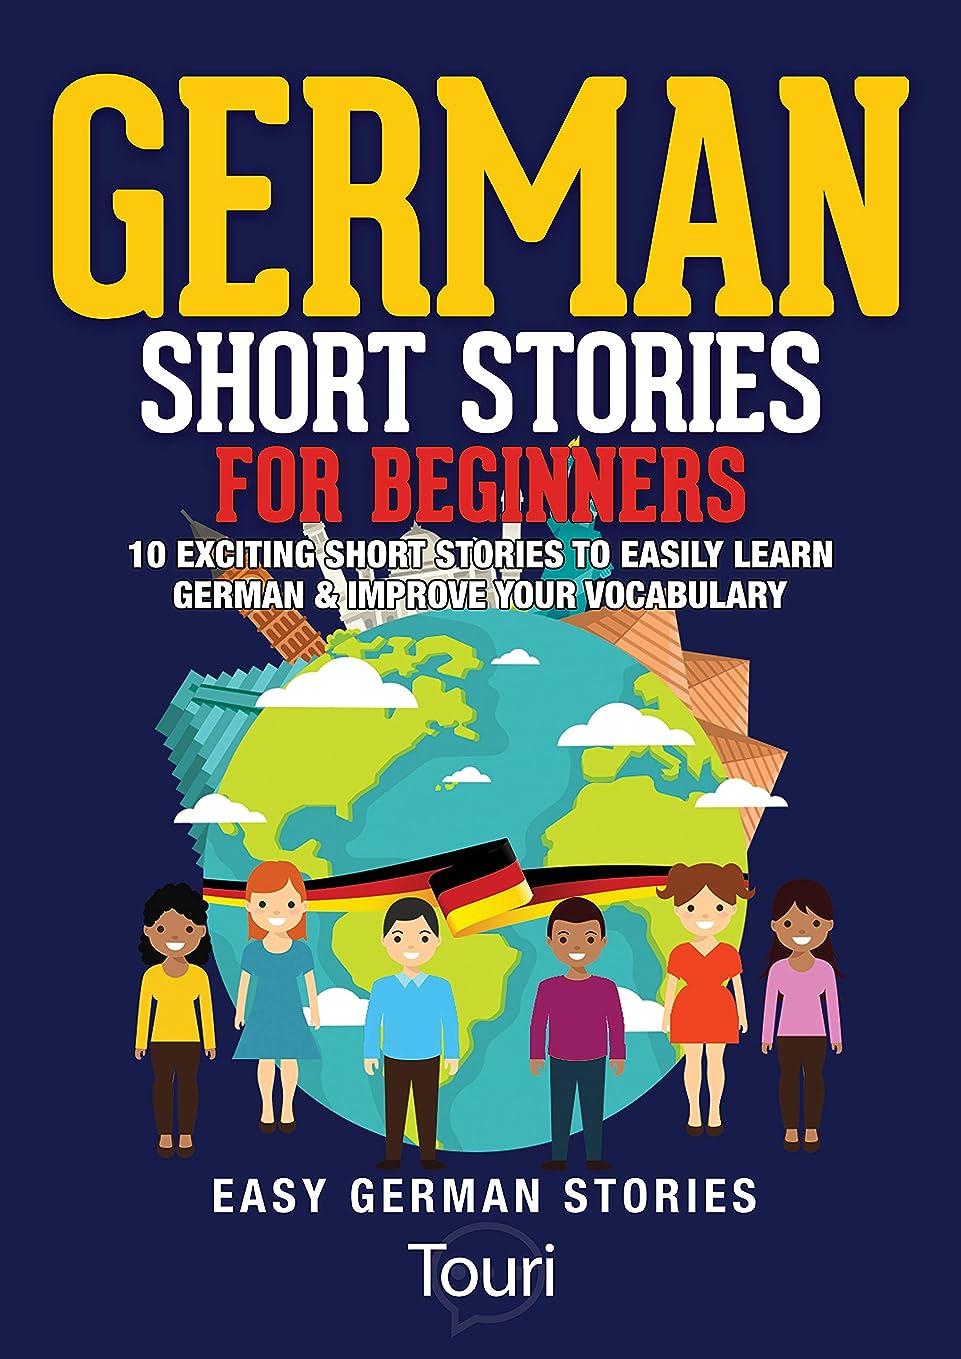 中絶色領事館German Short Stories for Beginners: 10 Exciting Short Stories to Easily Learn German & Improve Your Vocabulary (Easy German Stories 1) (German Edition)